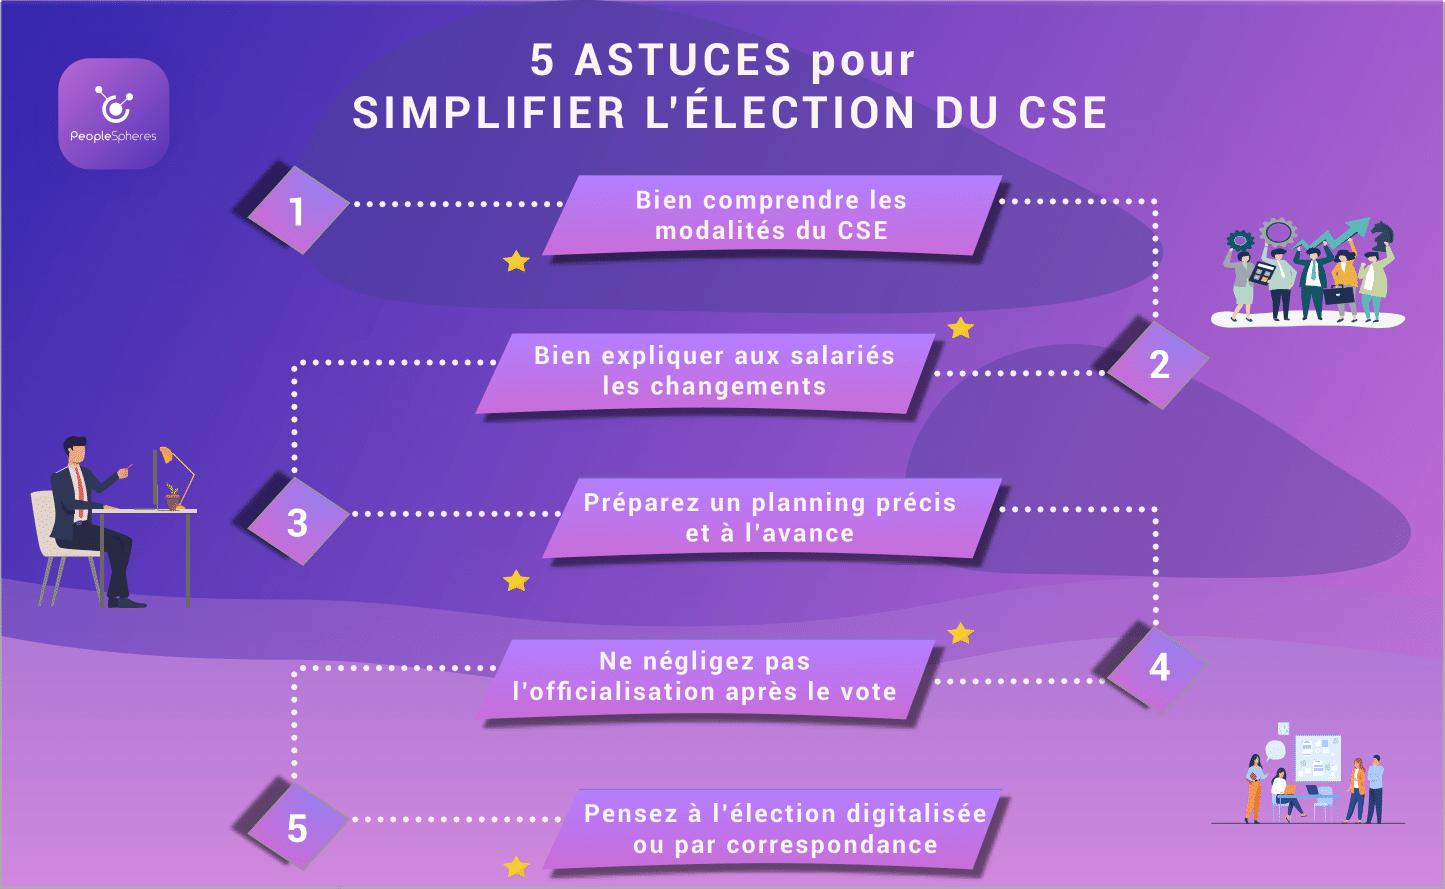 Simplifier election du CSE